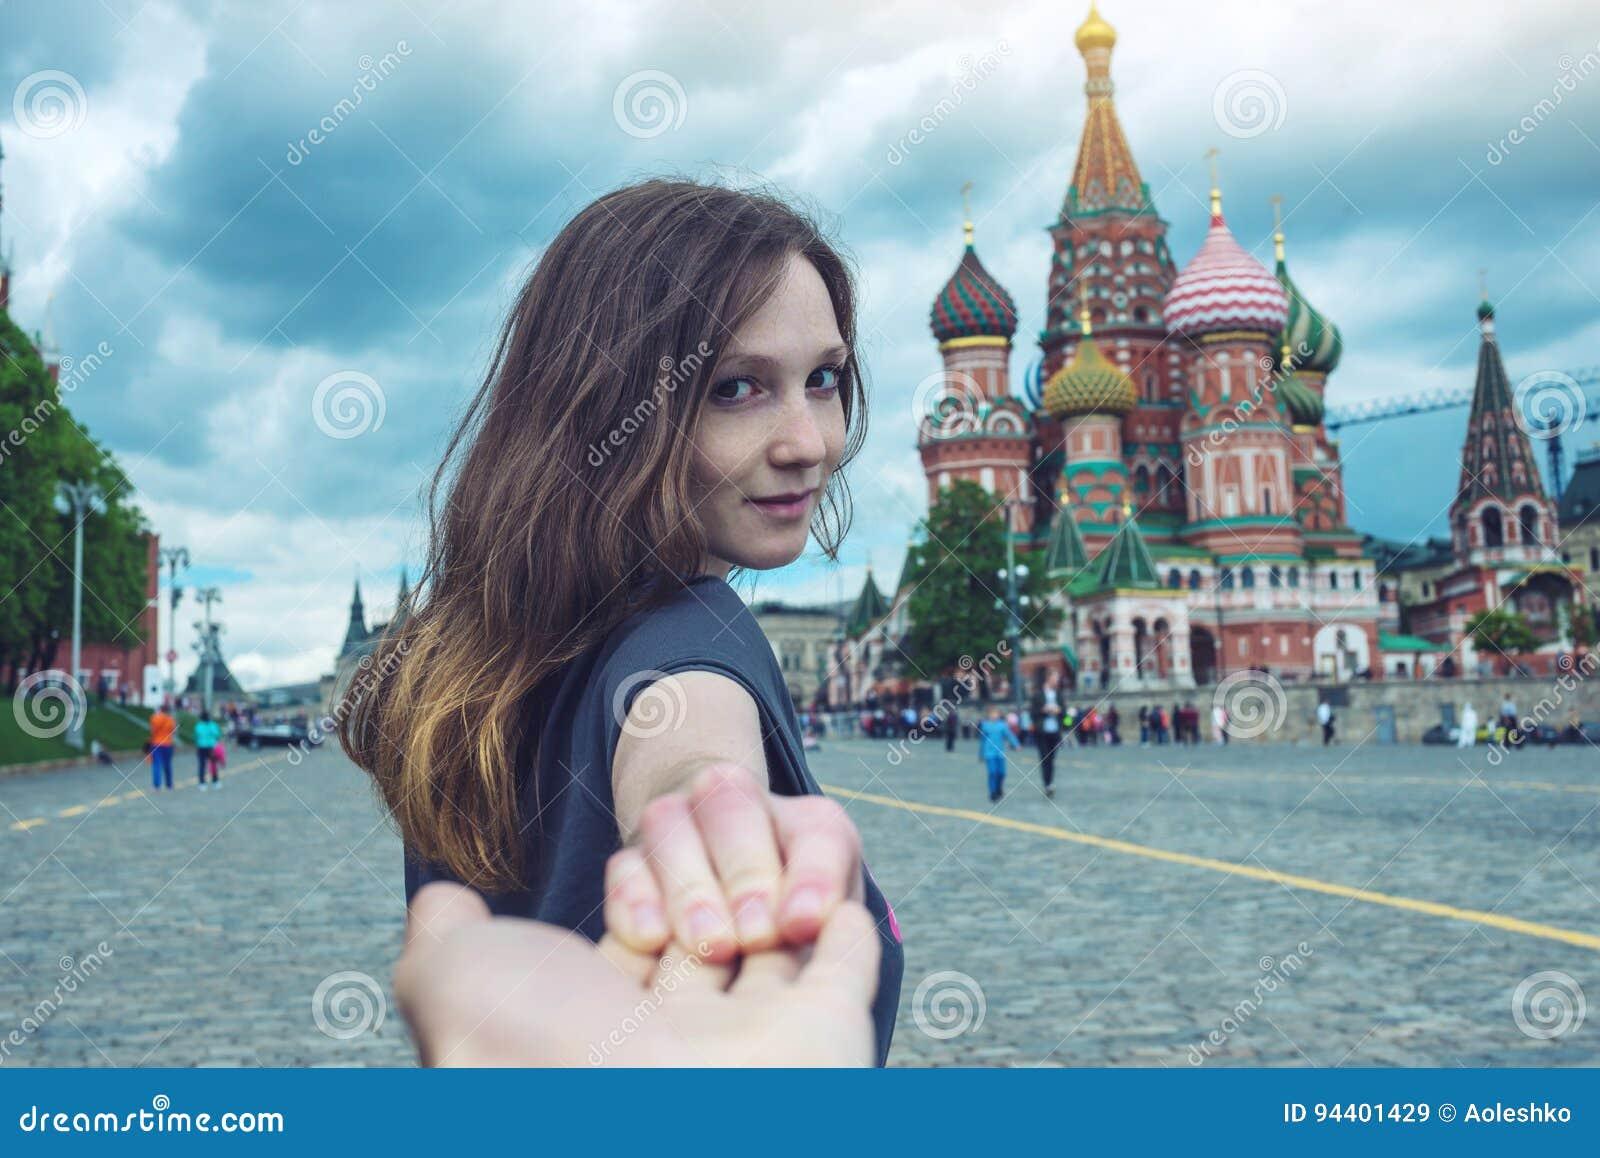 Следовать мной, привлекательным брюнет девушка держа руку водит к красной площади в Москве Россия